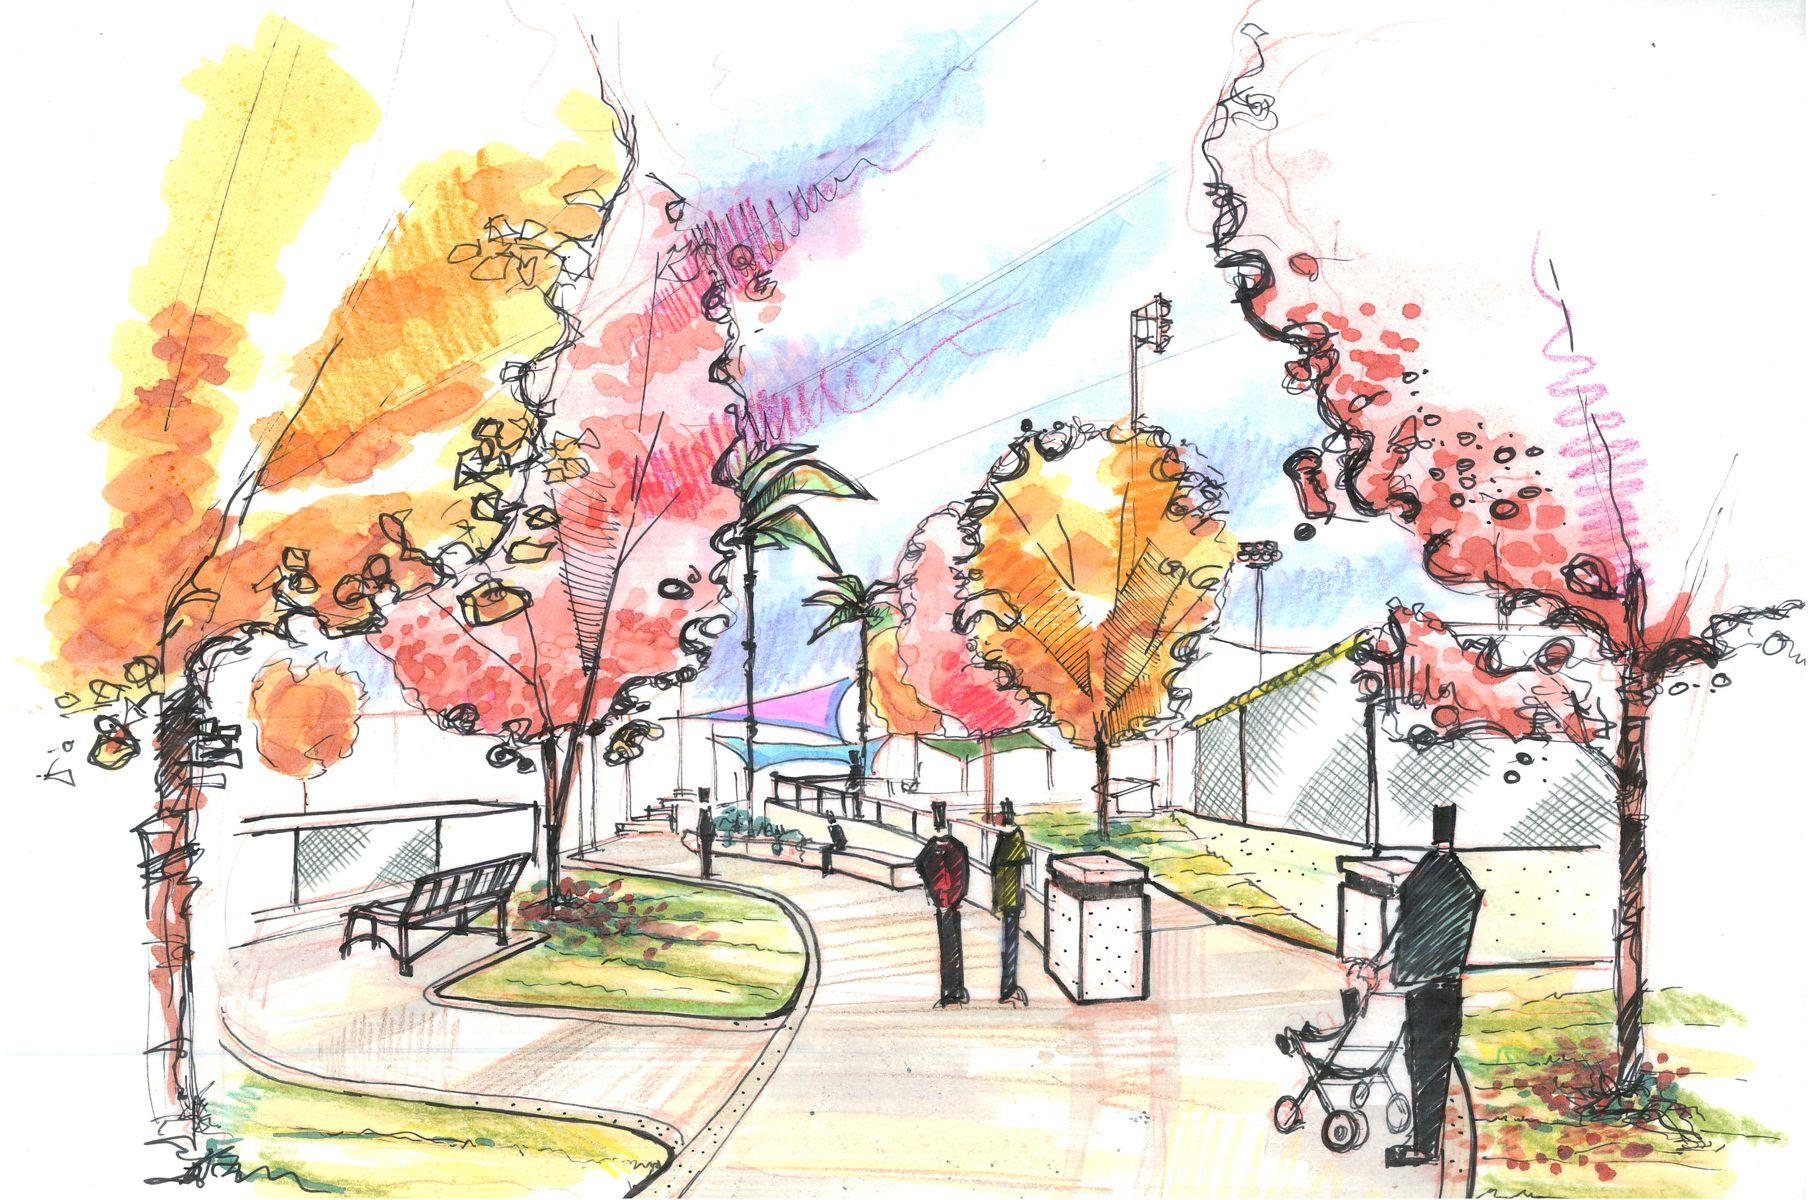 architecture sketch watercolor - google search | dab103